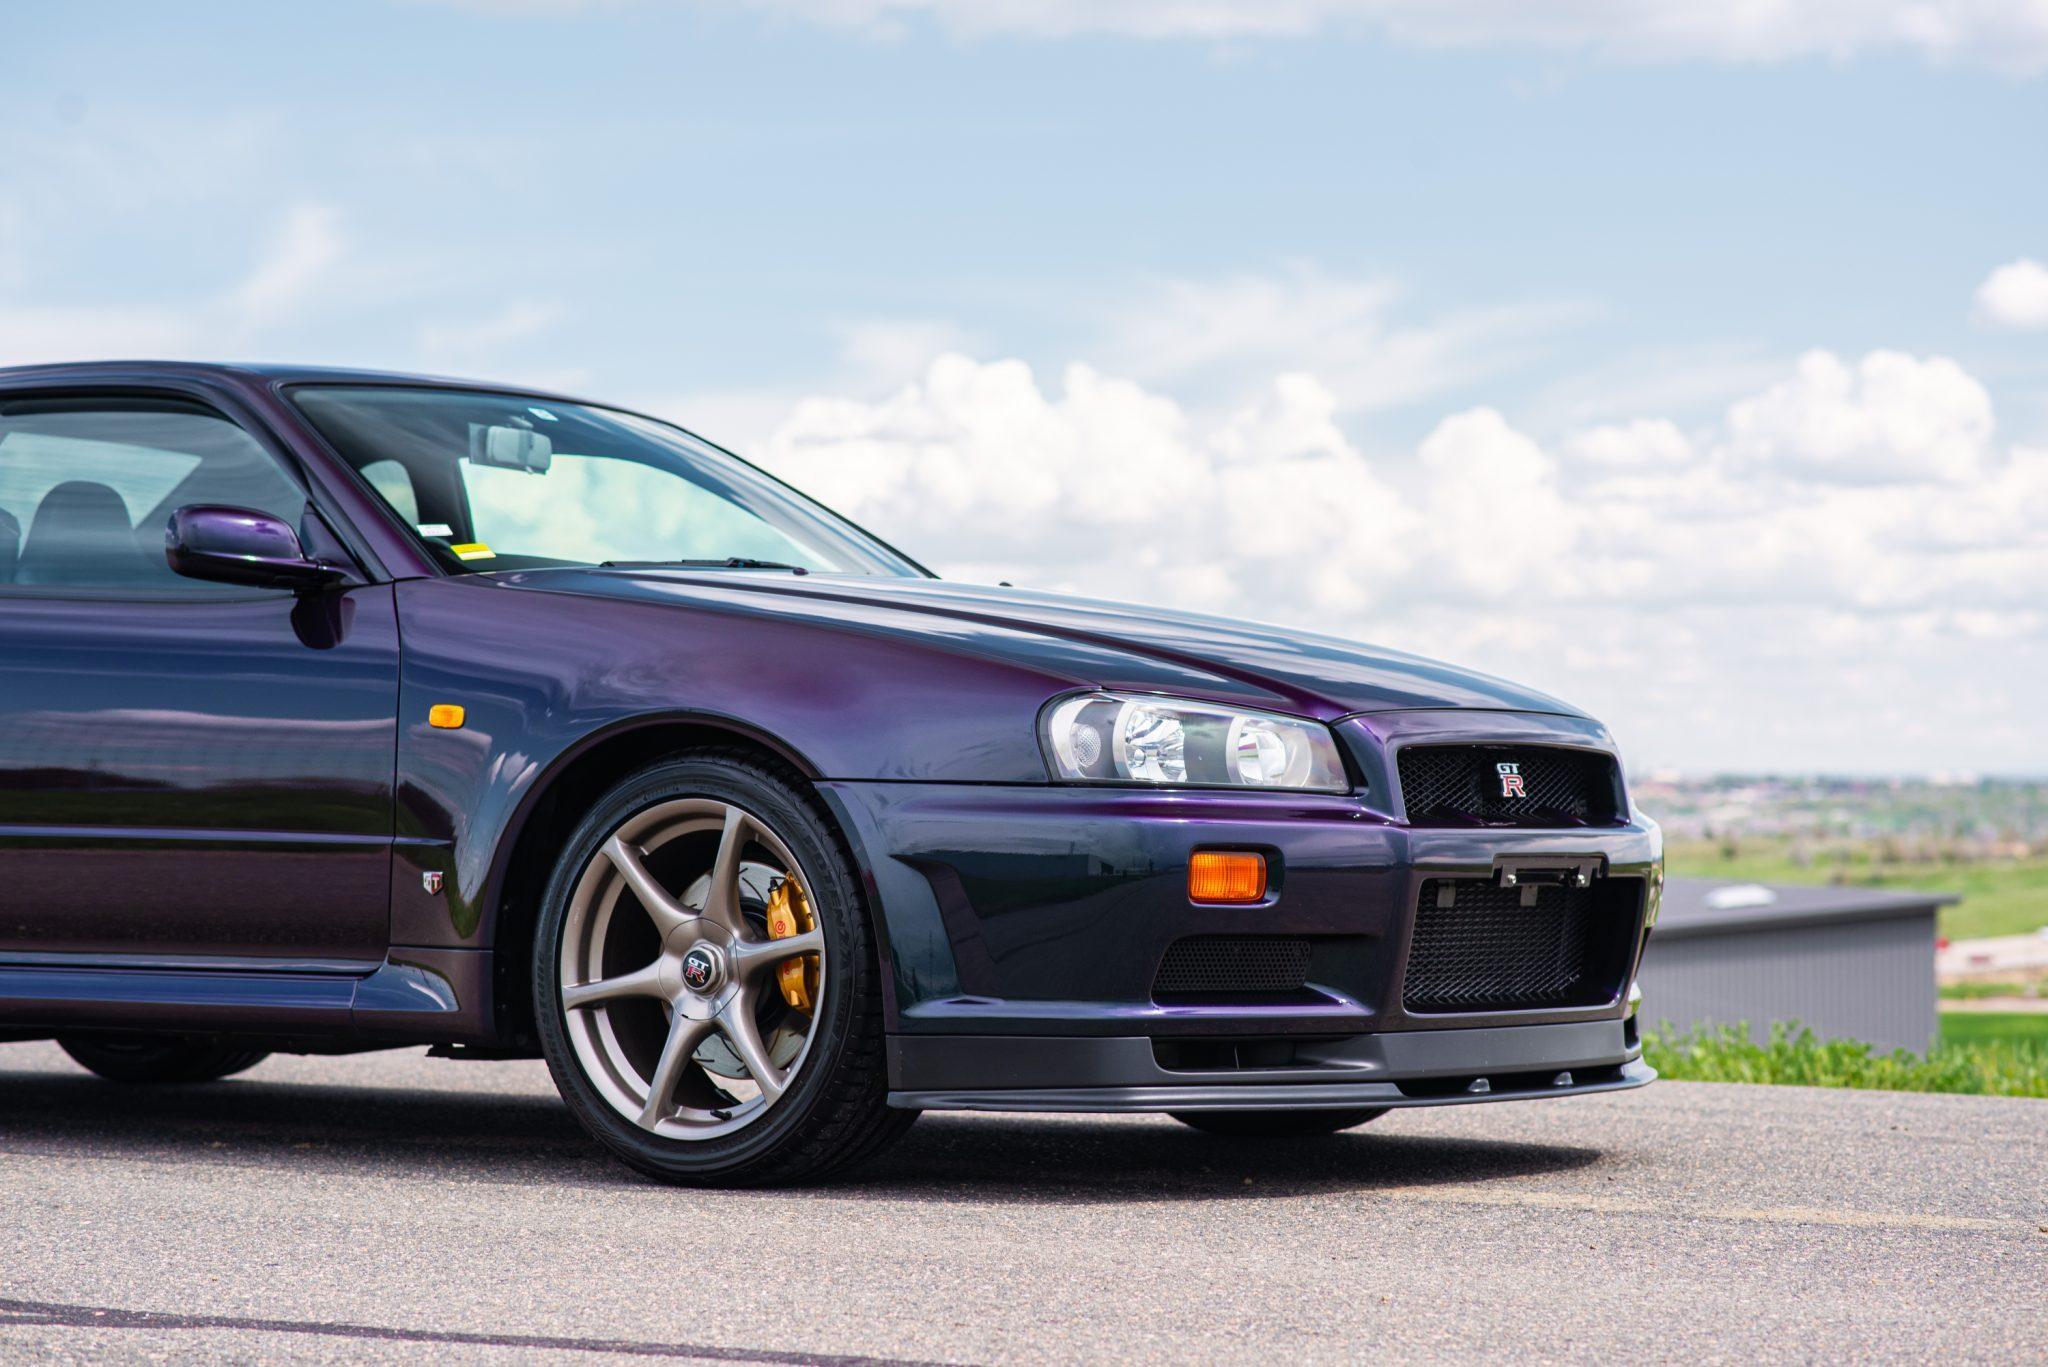 1999 Nissan Skyline GT-R V-Spec front end